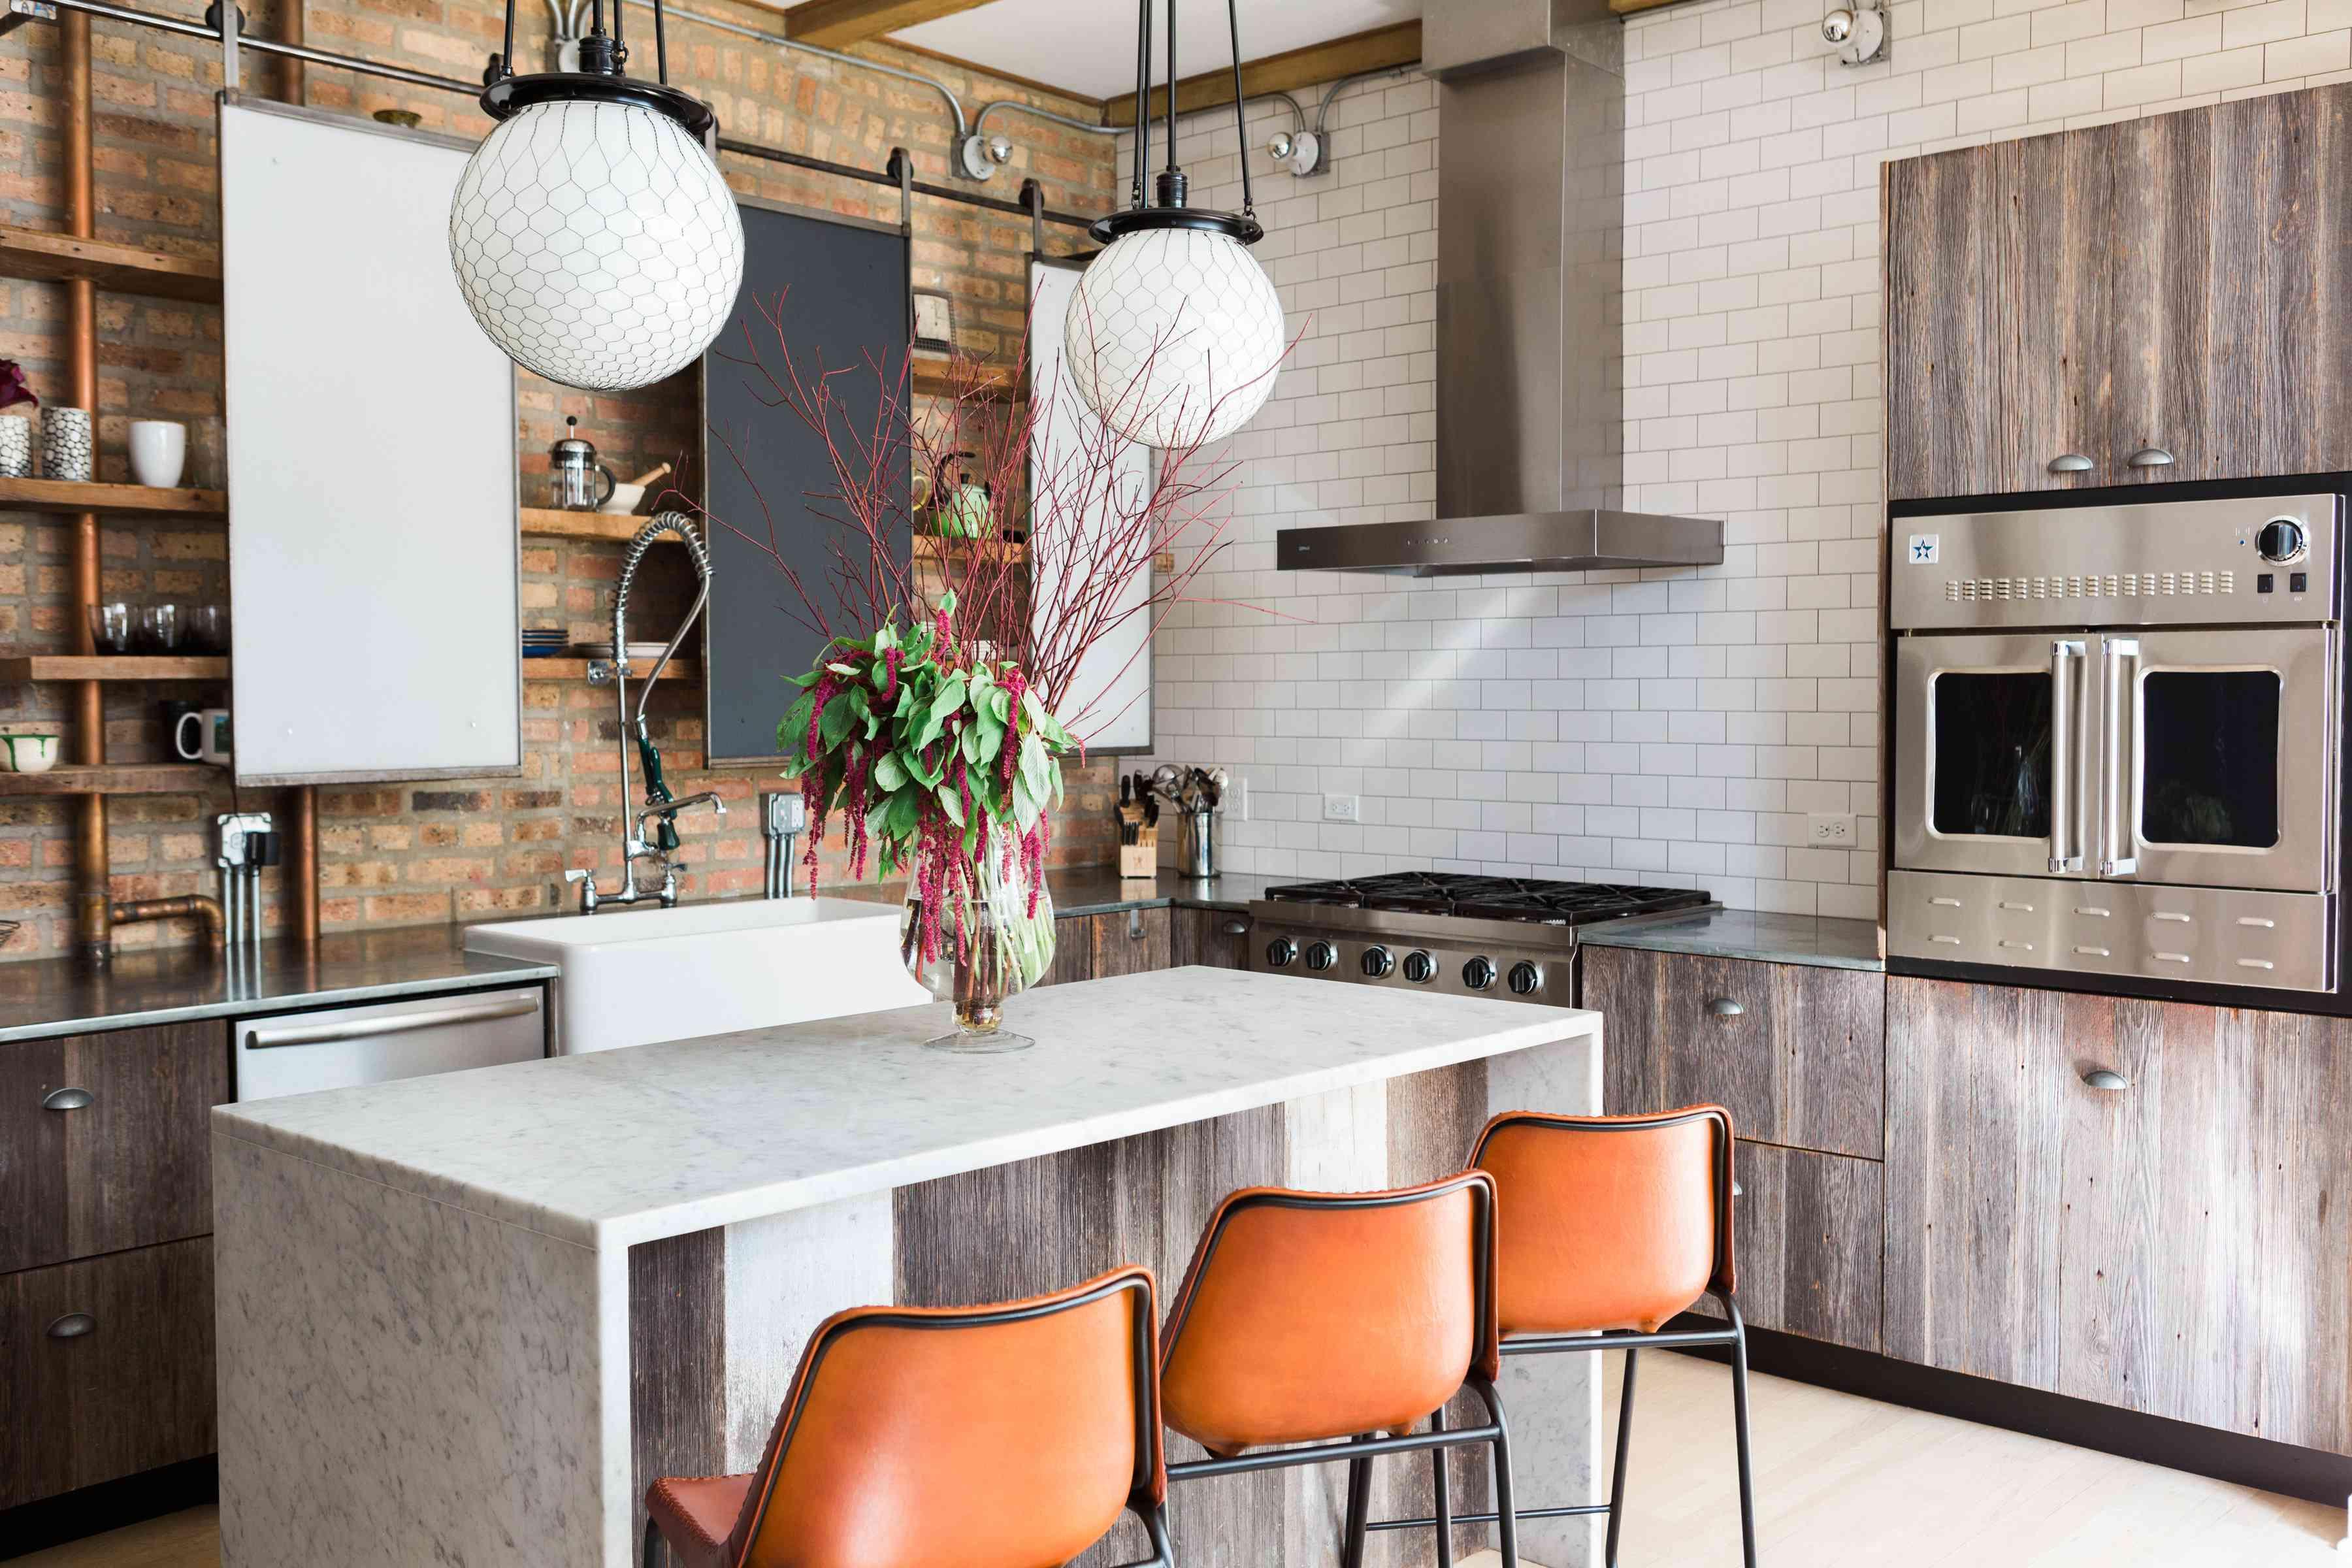 15 Best Kitchen Design Trends Worth Trying in 2020 on Kitchen Modern Design 2020  id=86754